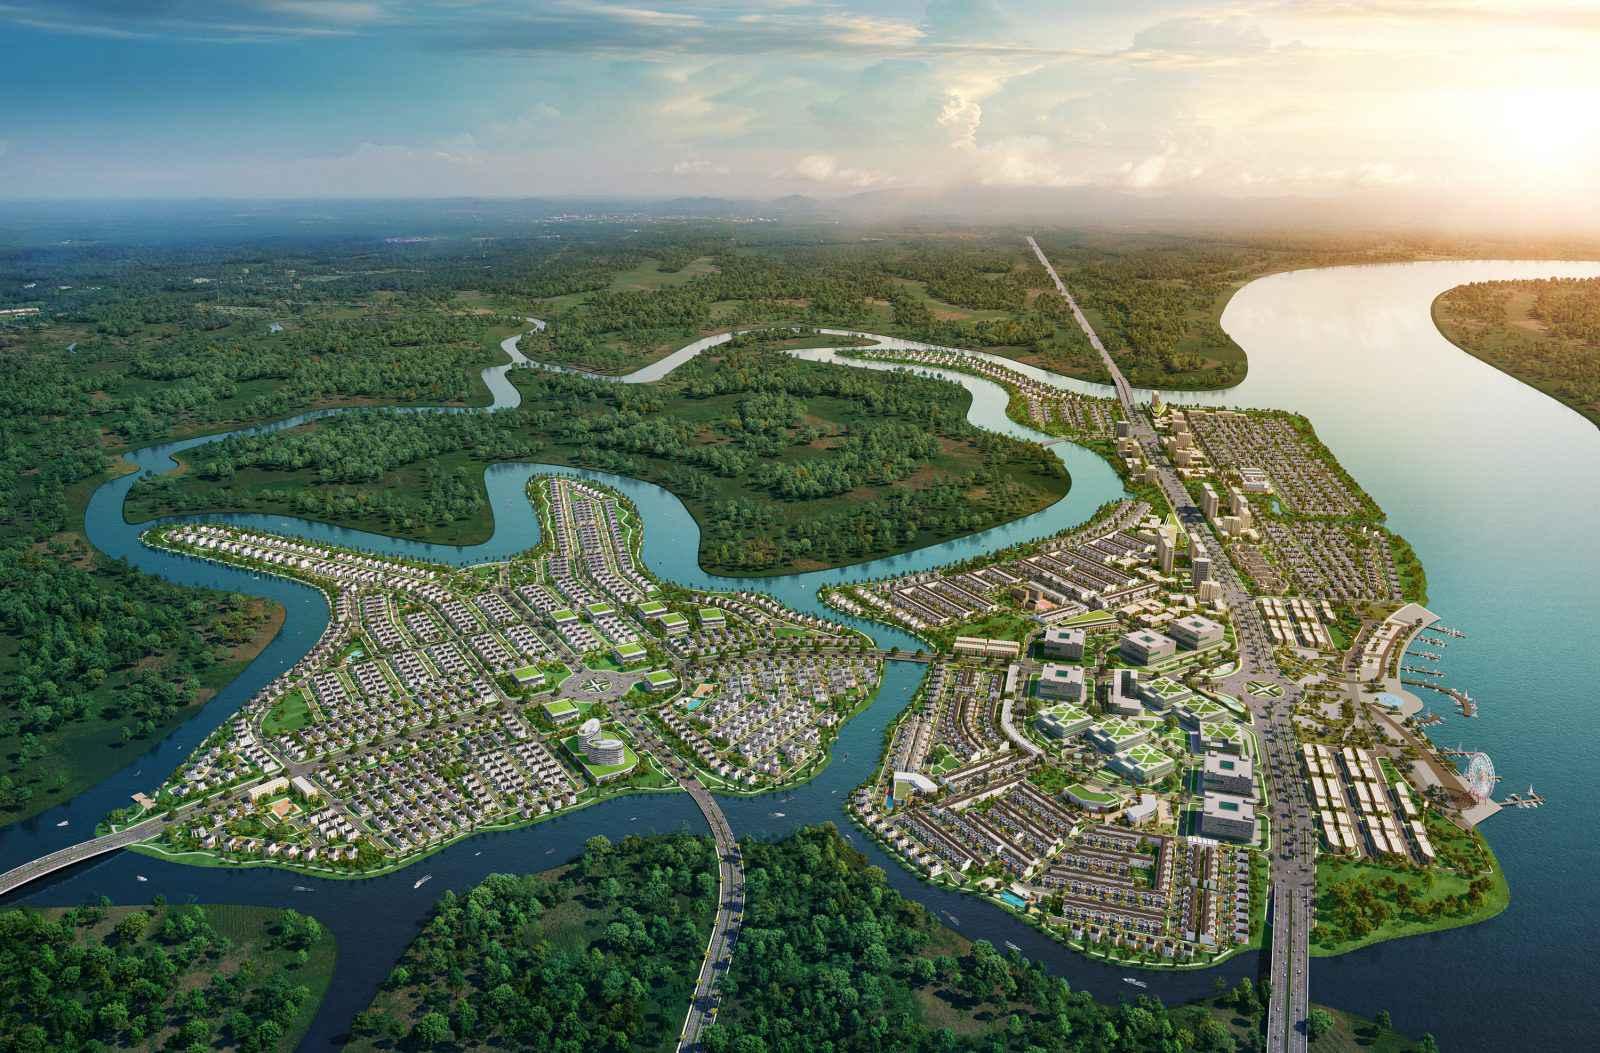 Aqua City kết hợp không gian xanh sang trọng